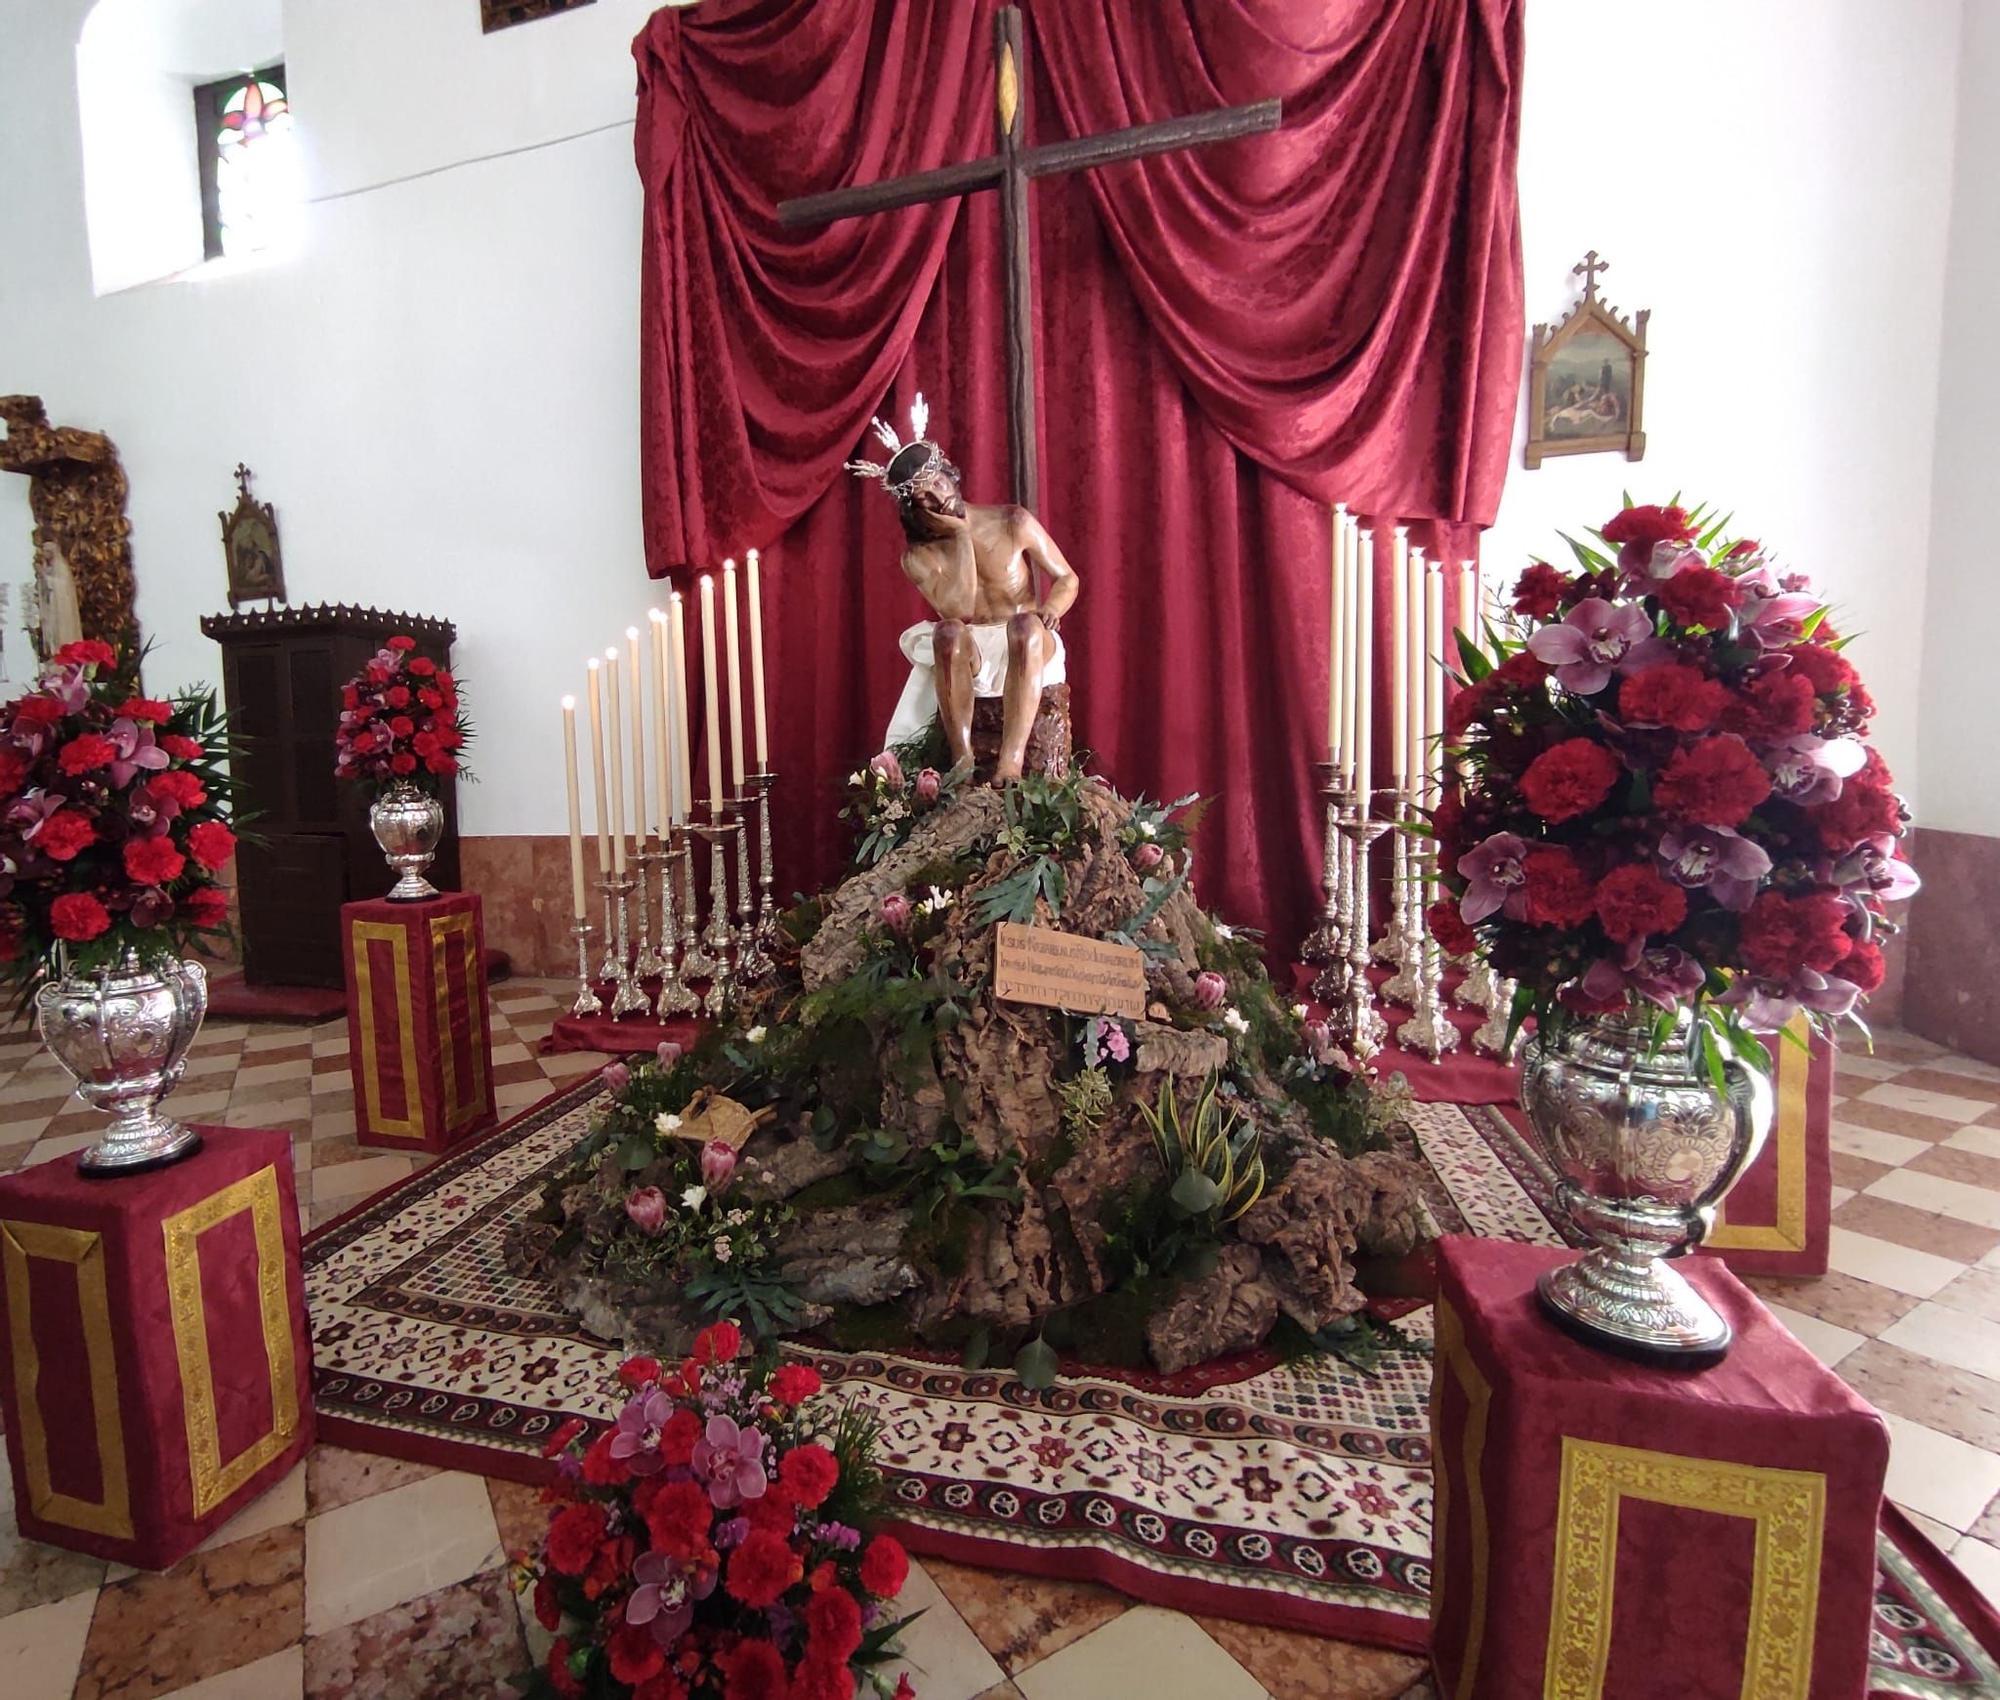 Aguilar Jesús de la Humildad